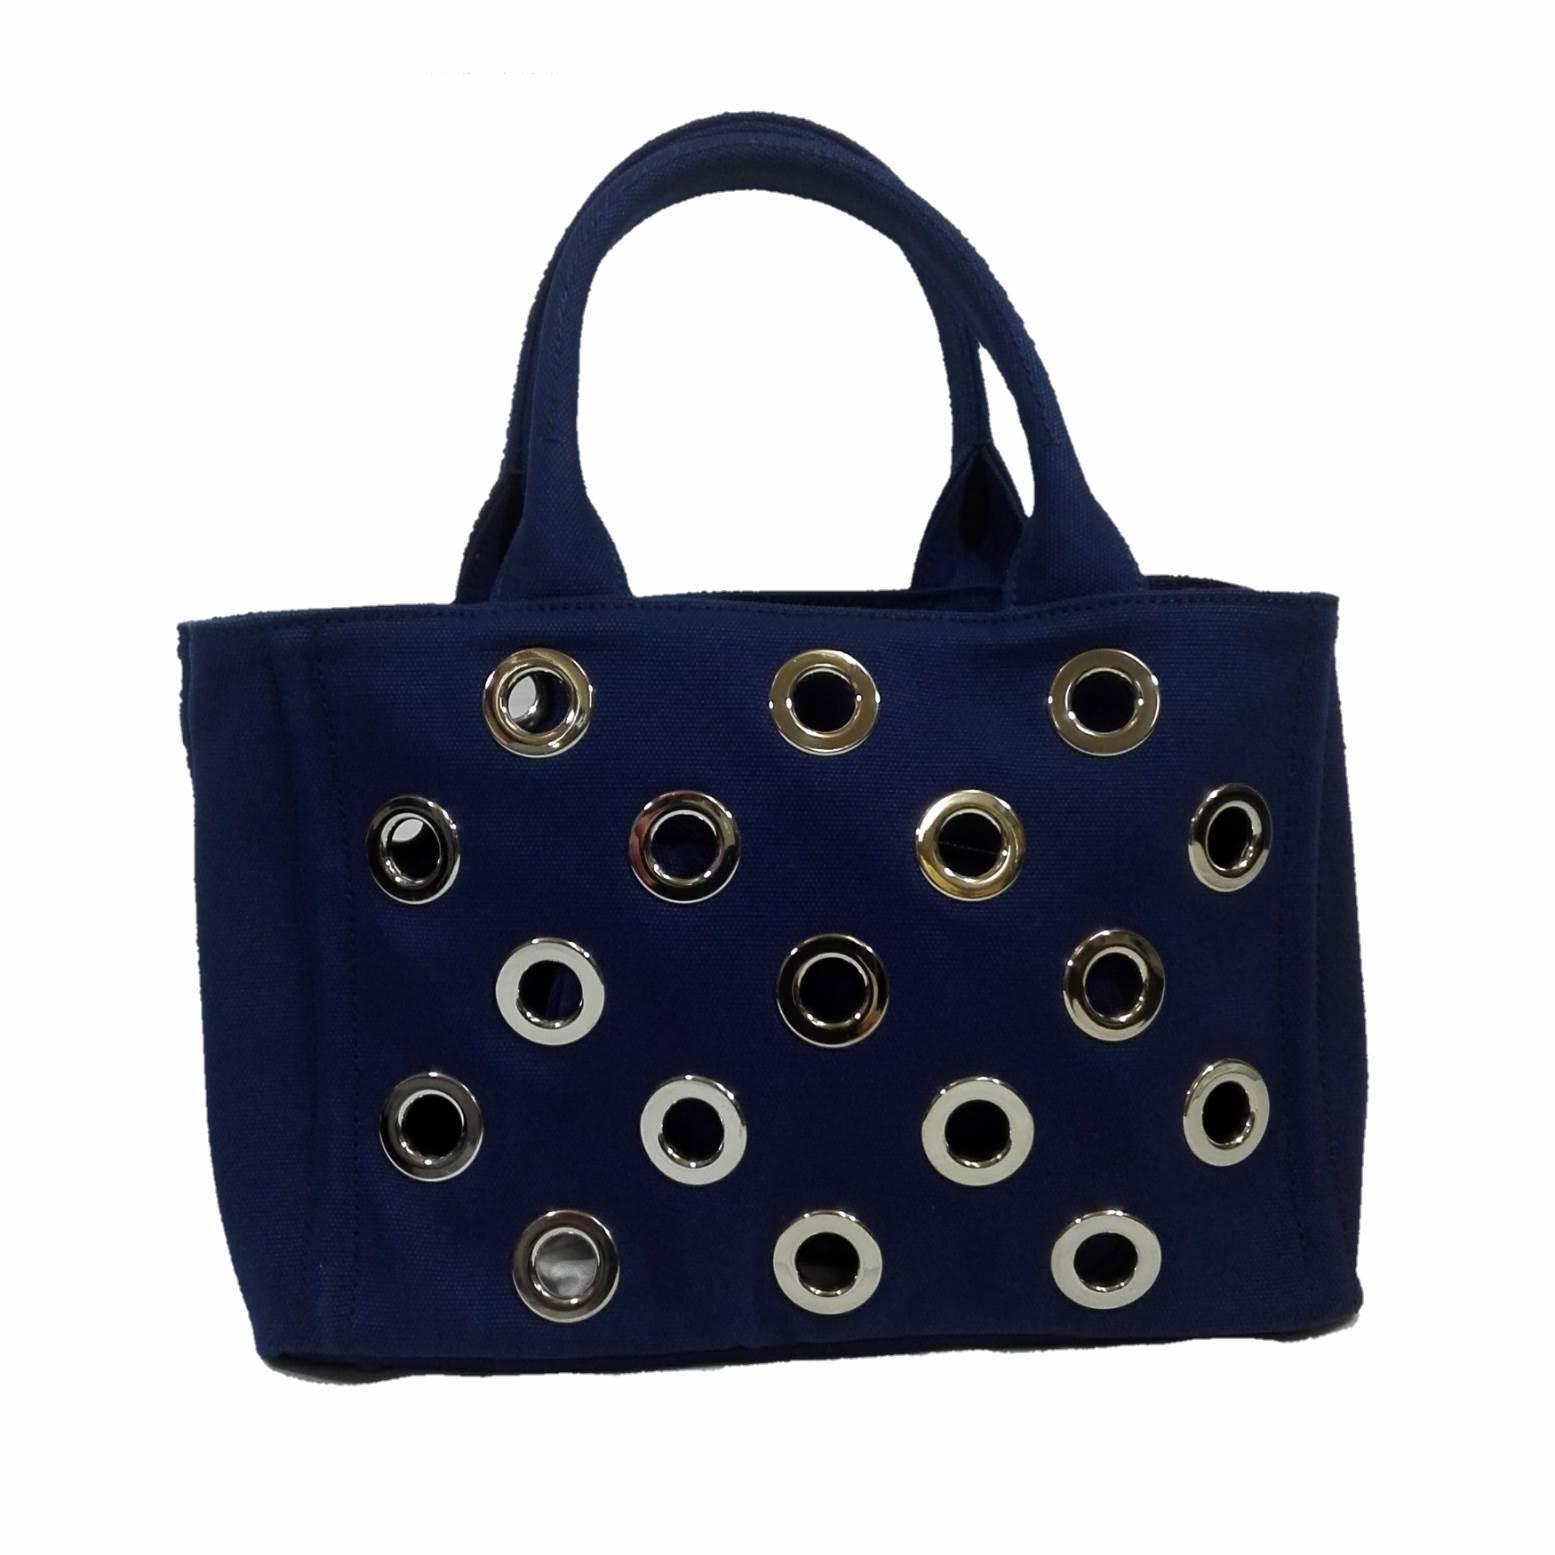 プラダ [PRADA] パンチング トートバッグ 1BG439-ZKI-F0016VOVO BLUETTE / ブルー【Luxury Brand Selection】